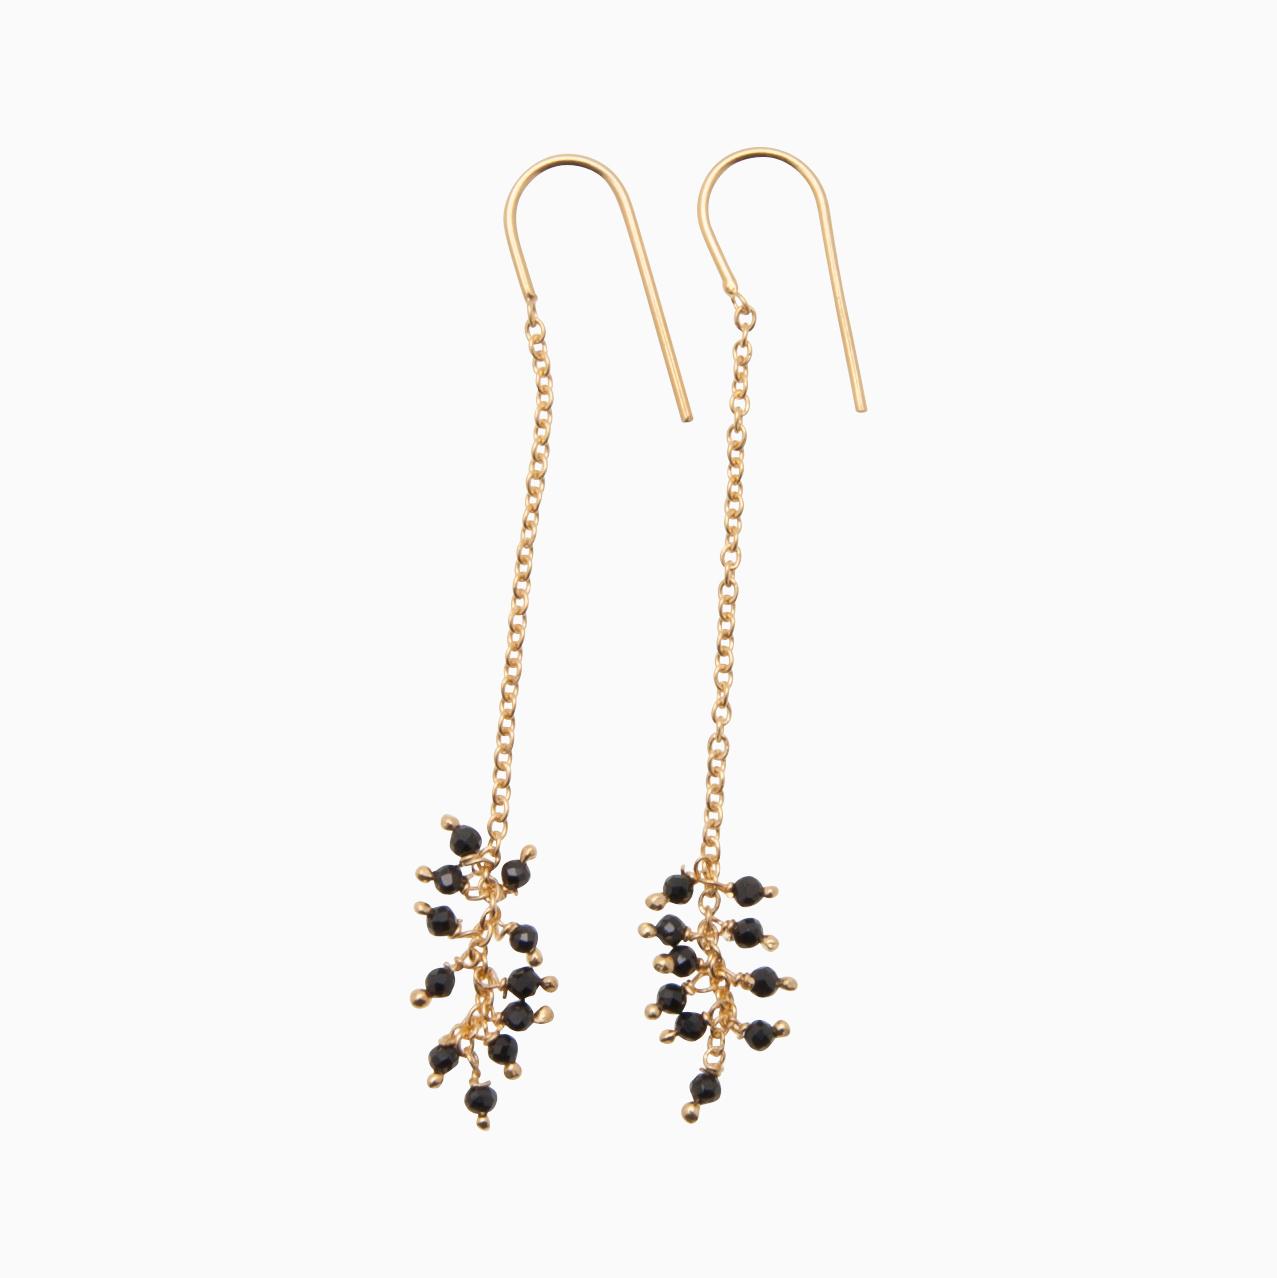 Øreringe med guldkæde og perler, sort | no. 777